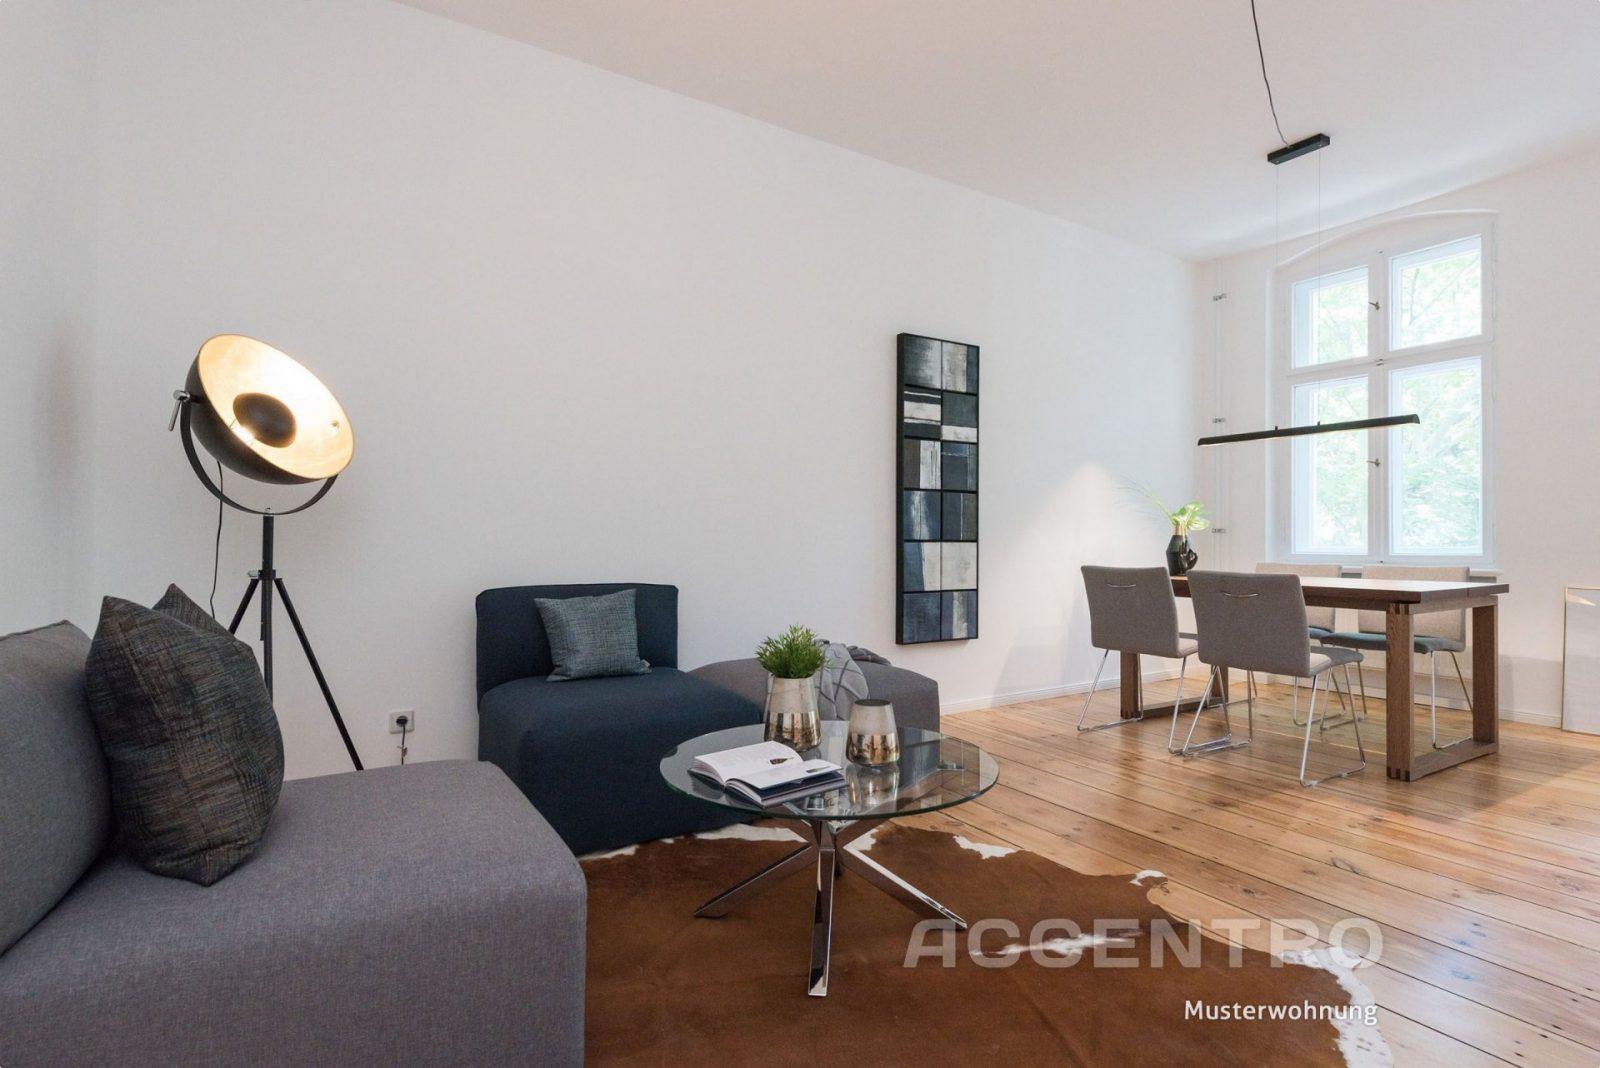 Modernes Wohnzimmer Mit Essbereich Dunkle Wanddeko  Glastisch von Modernes Wohnzimmer Mit Essbereich Photo